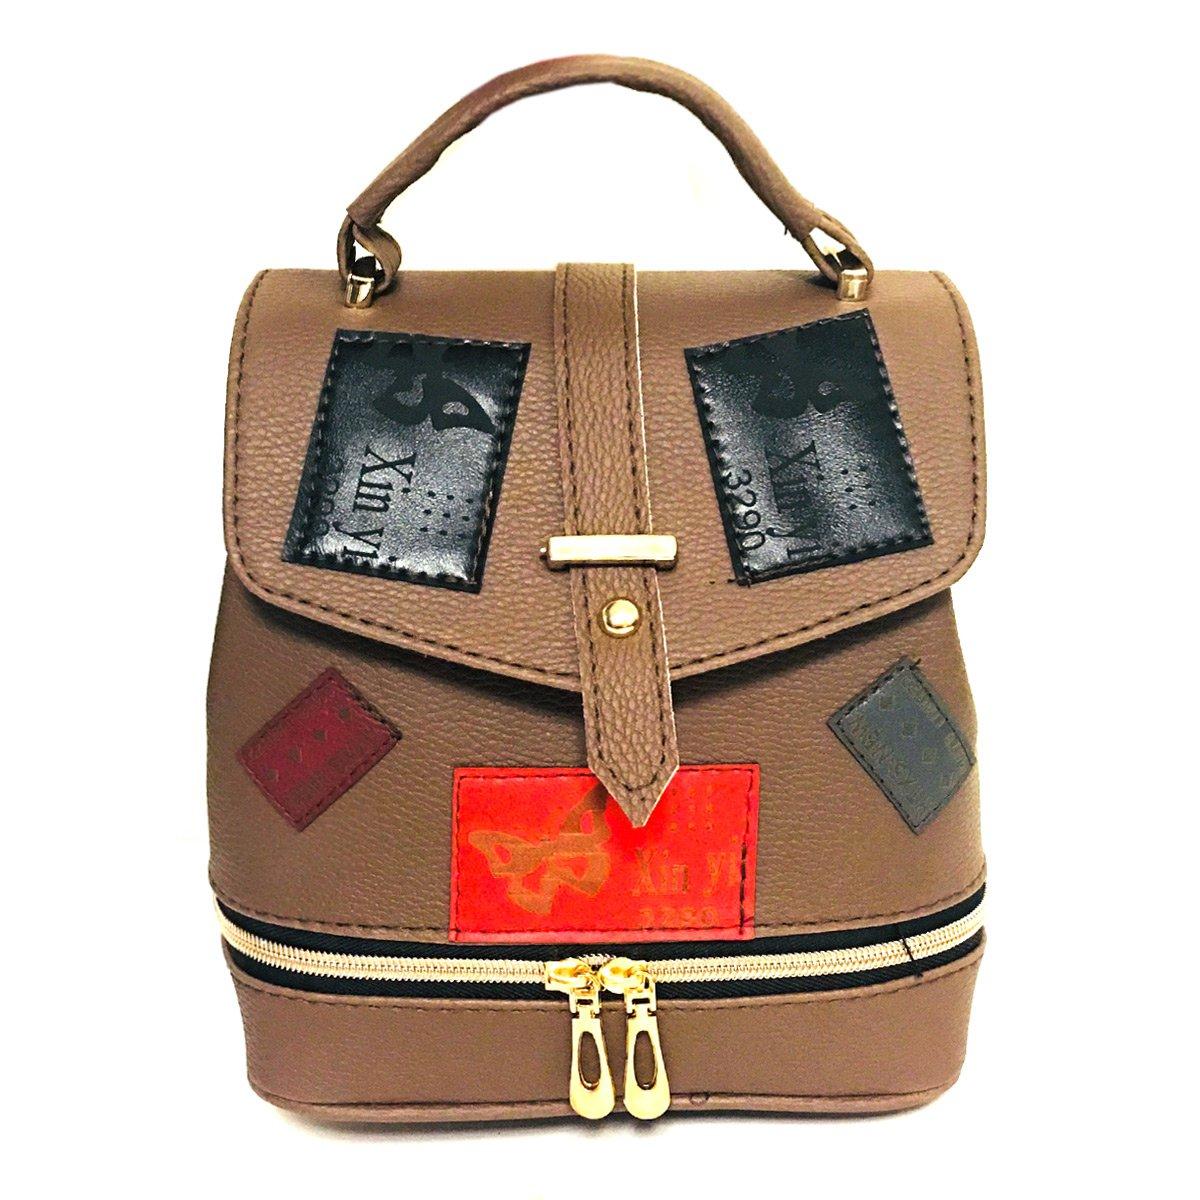 کیف مدل کوله پشتی فانتزی-اسپرت زنانه قهوه ای